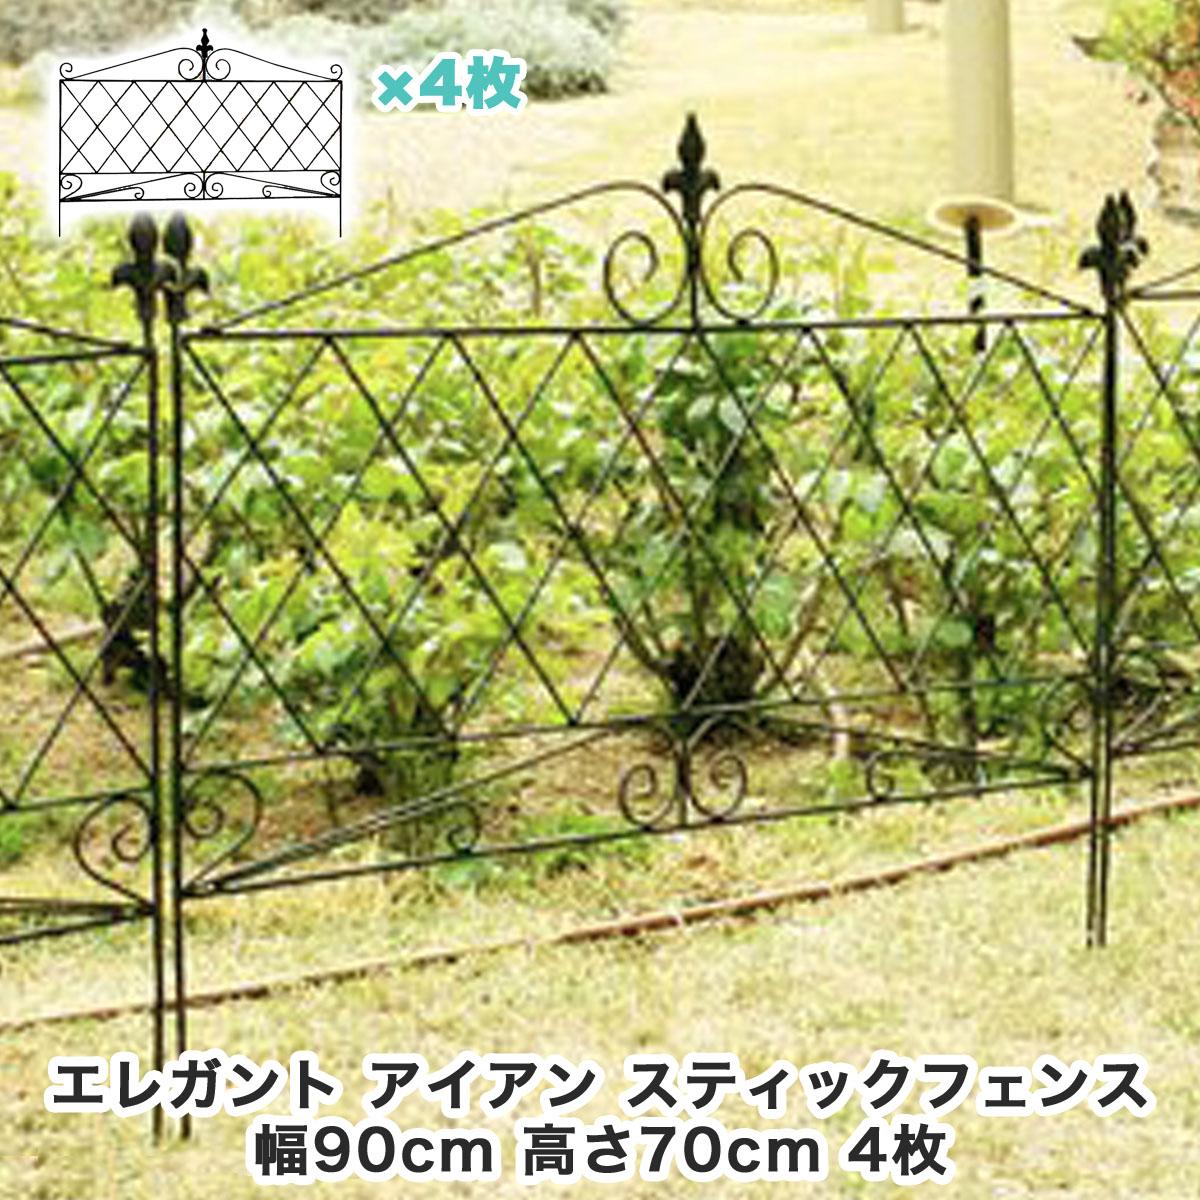 アイアンフェンス アイアンスティックフェンス 4枚セット ガーデンフェンス ガーデニング 園芸フェンス 花壇フェンス 仕切り おしゃれ アンティーク 埋め込みフェンス jf092599